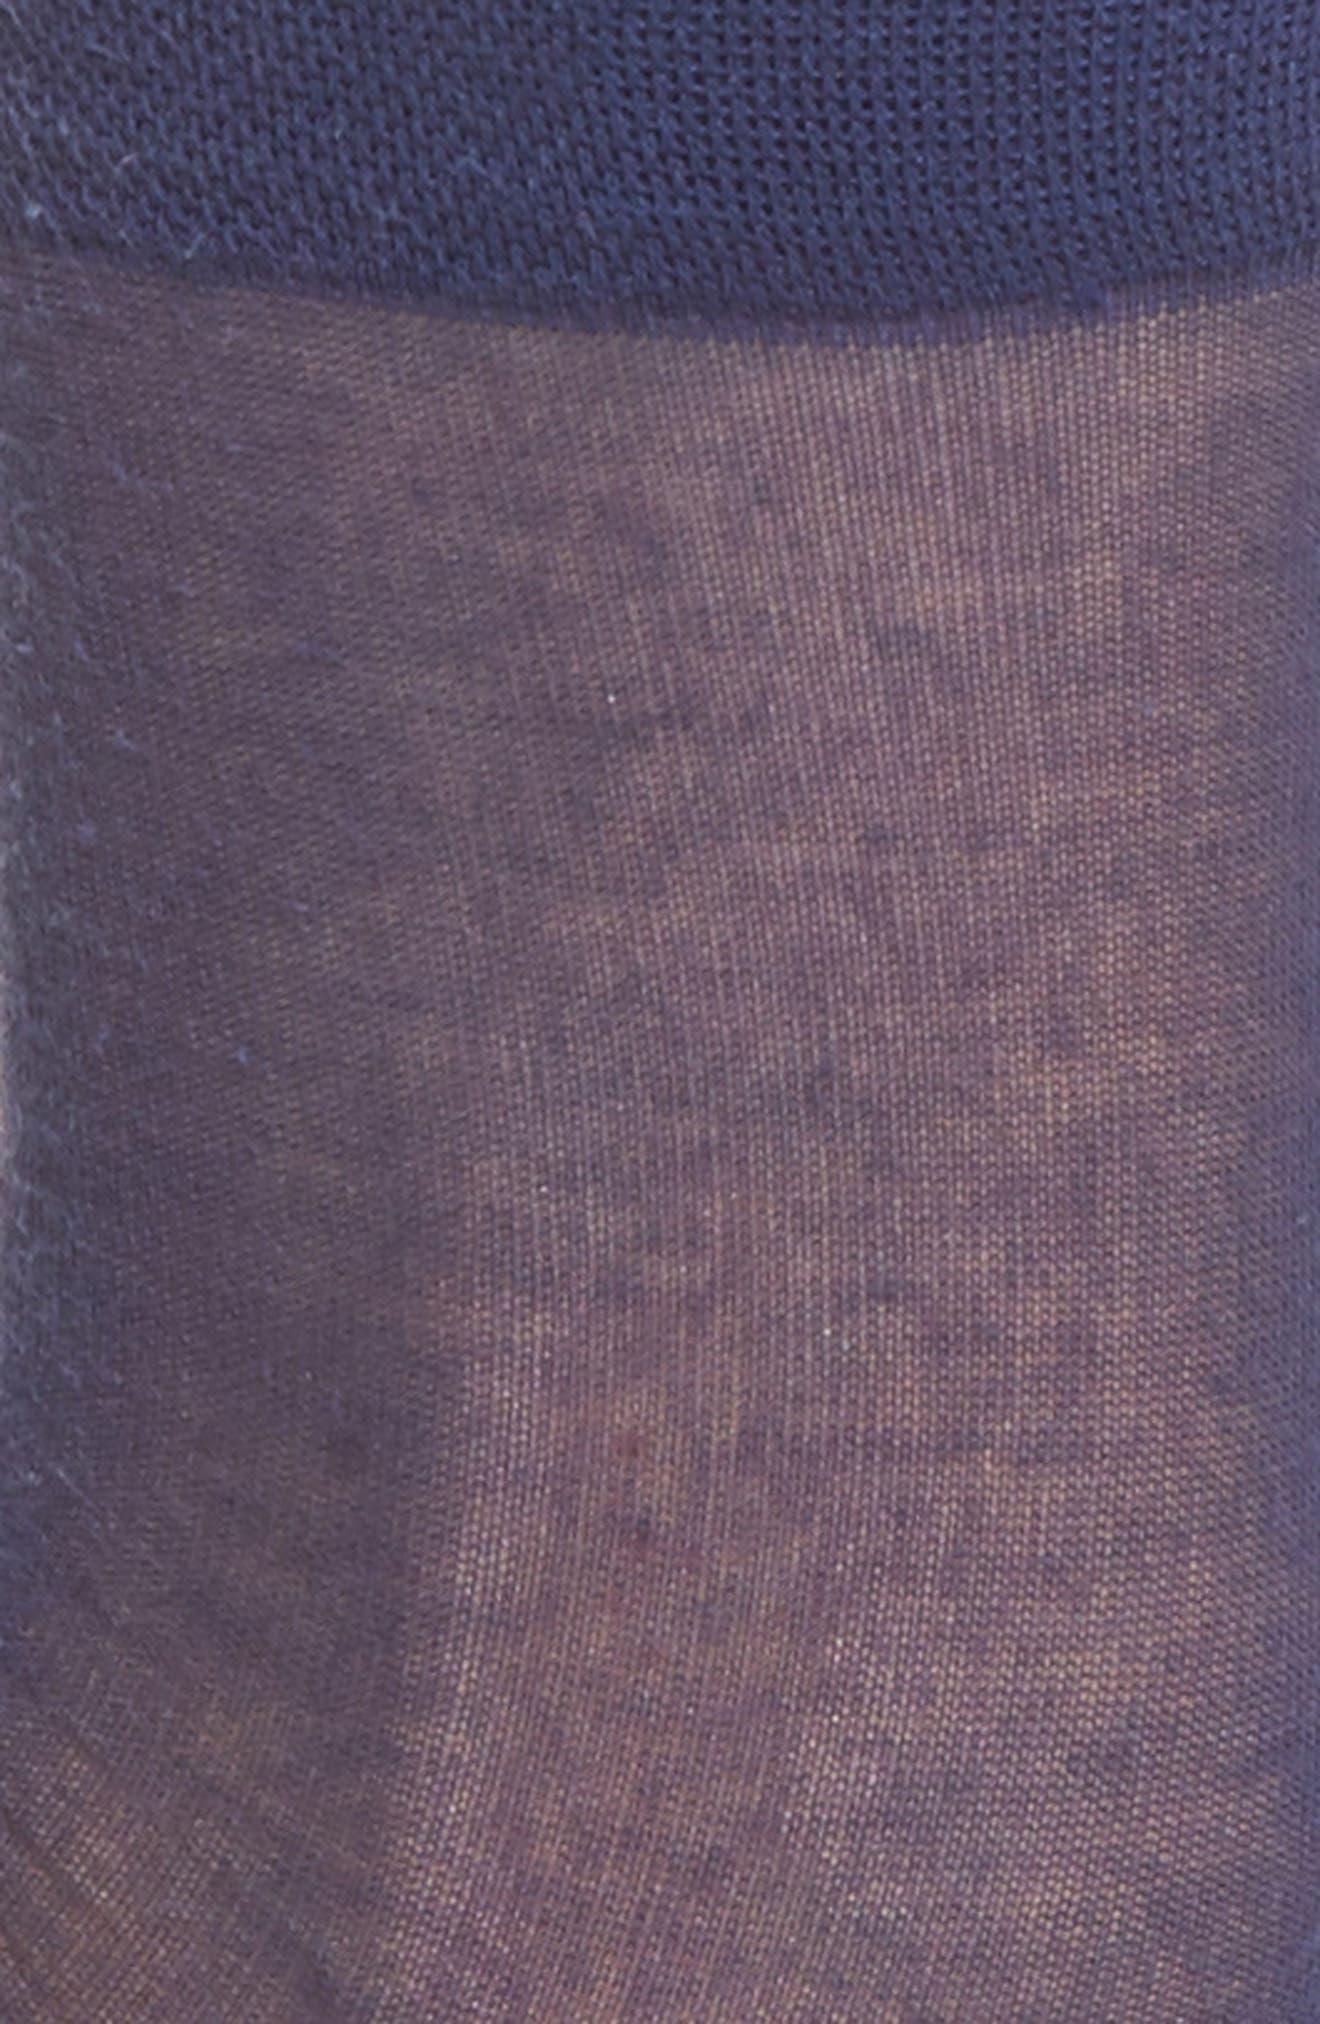 CHELSEA28,                             Sheer Crew Socks,                             Alternate thumbnail 2, color,                             411